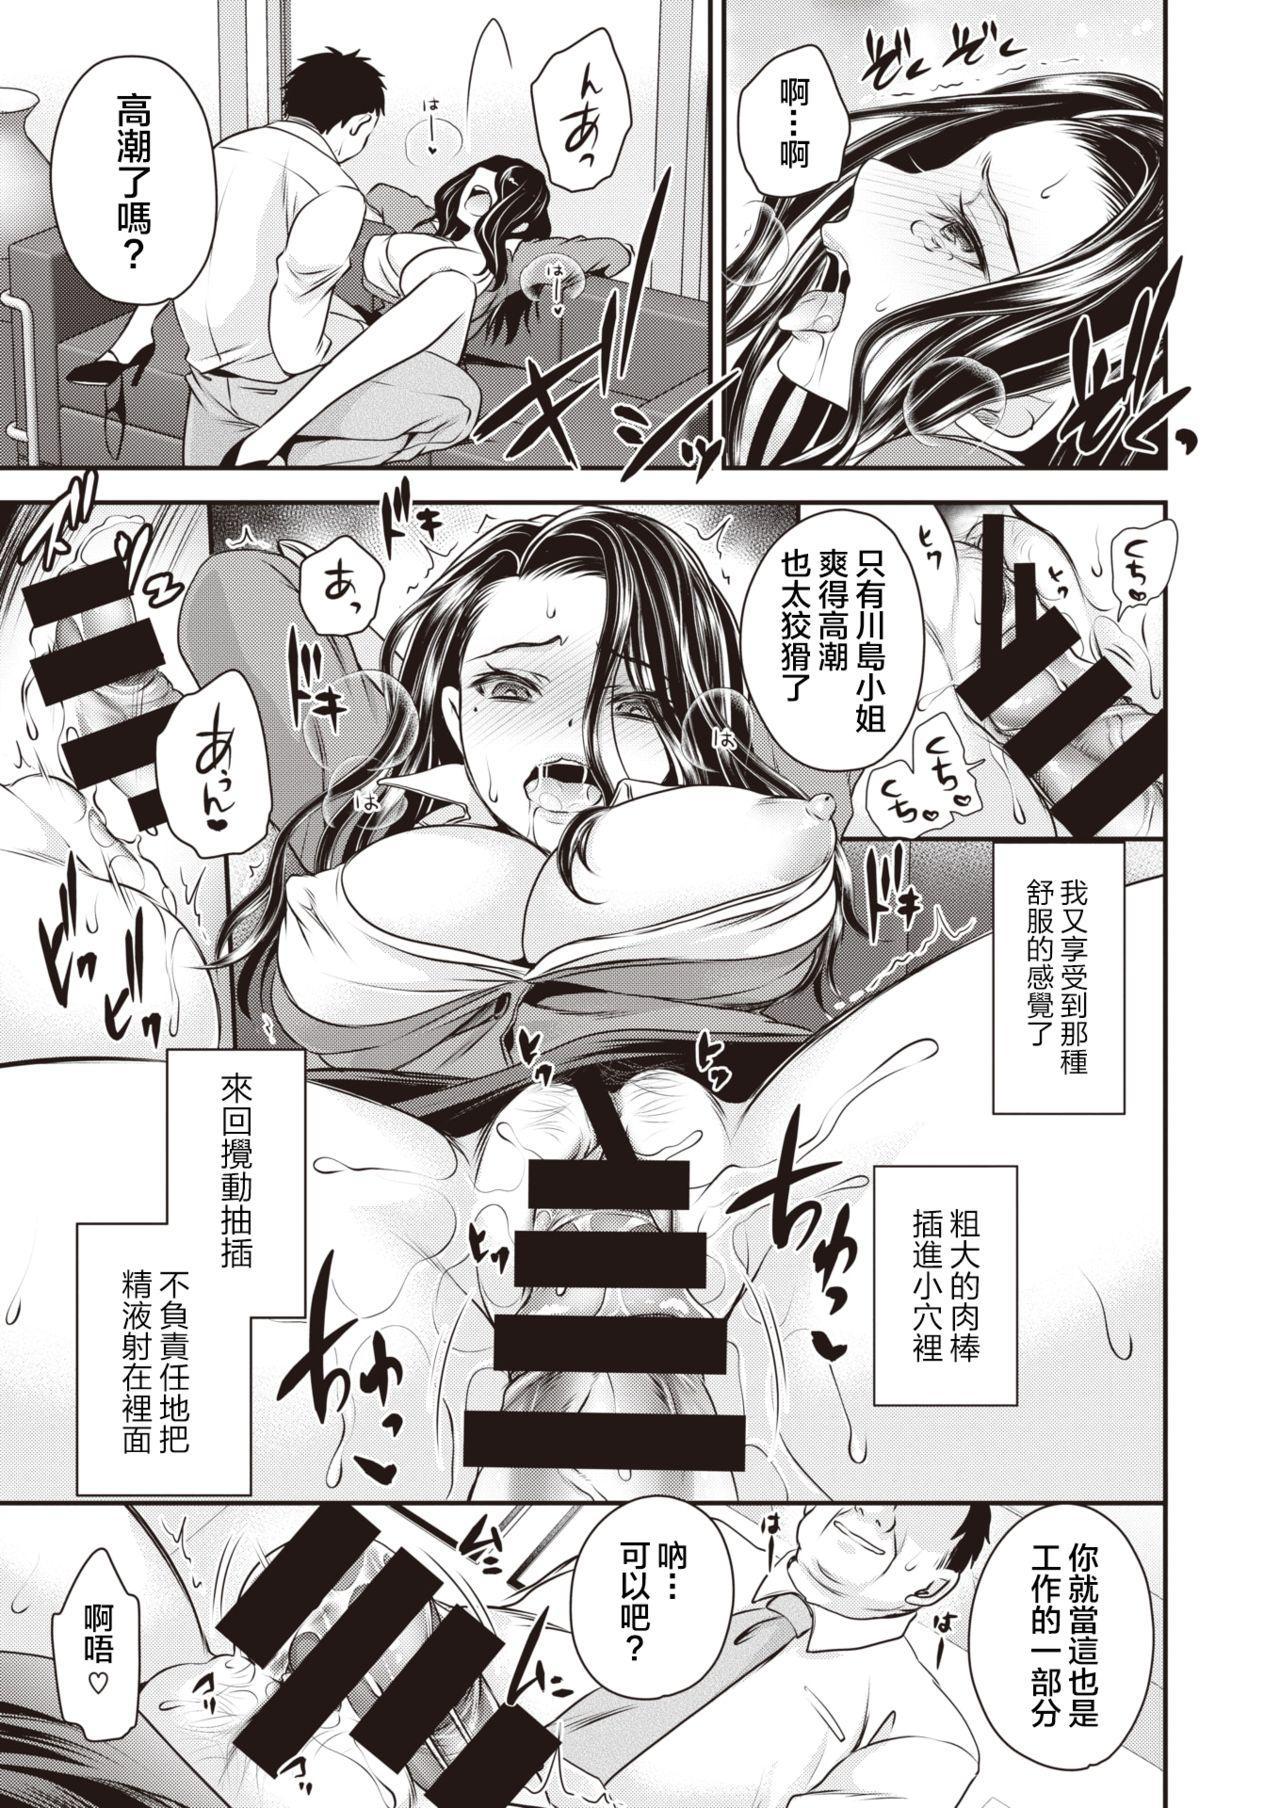 Mukatsuku Onna Joushi no Karada o Nottotte Mita! 14